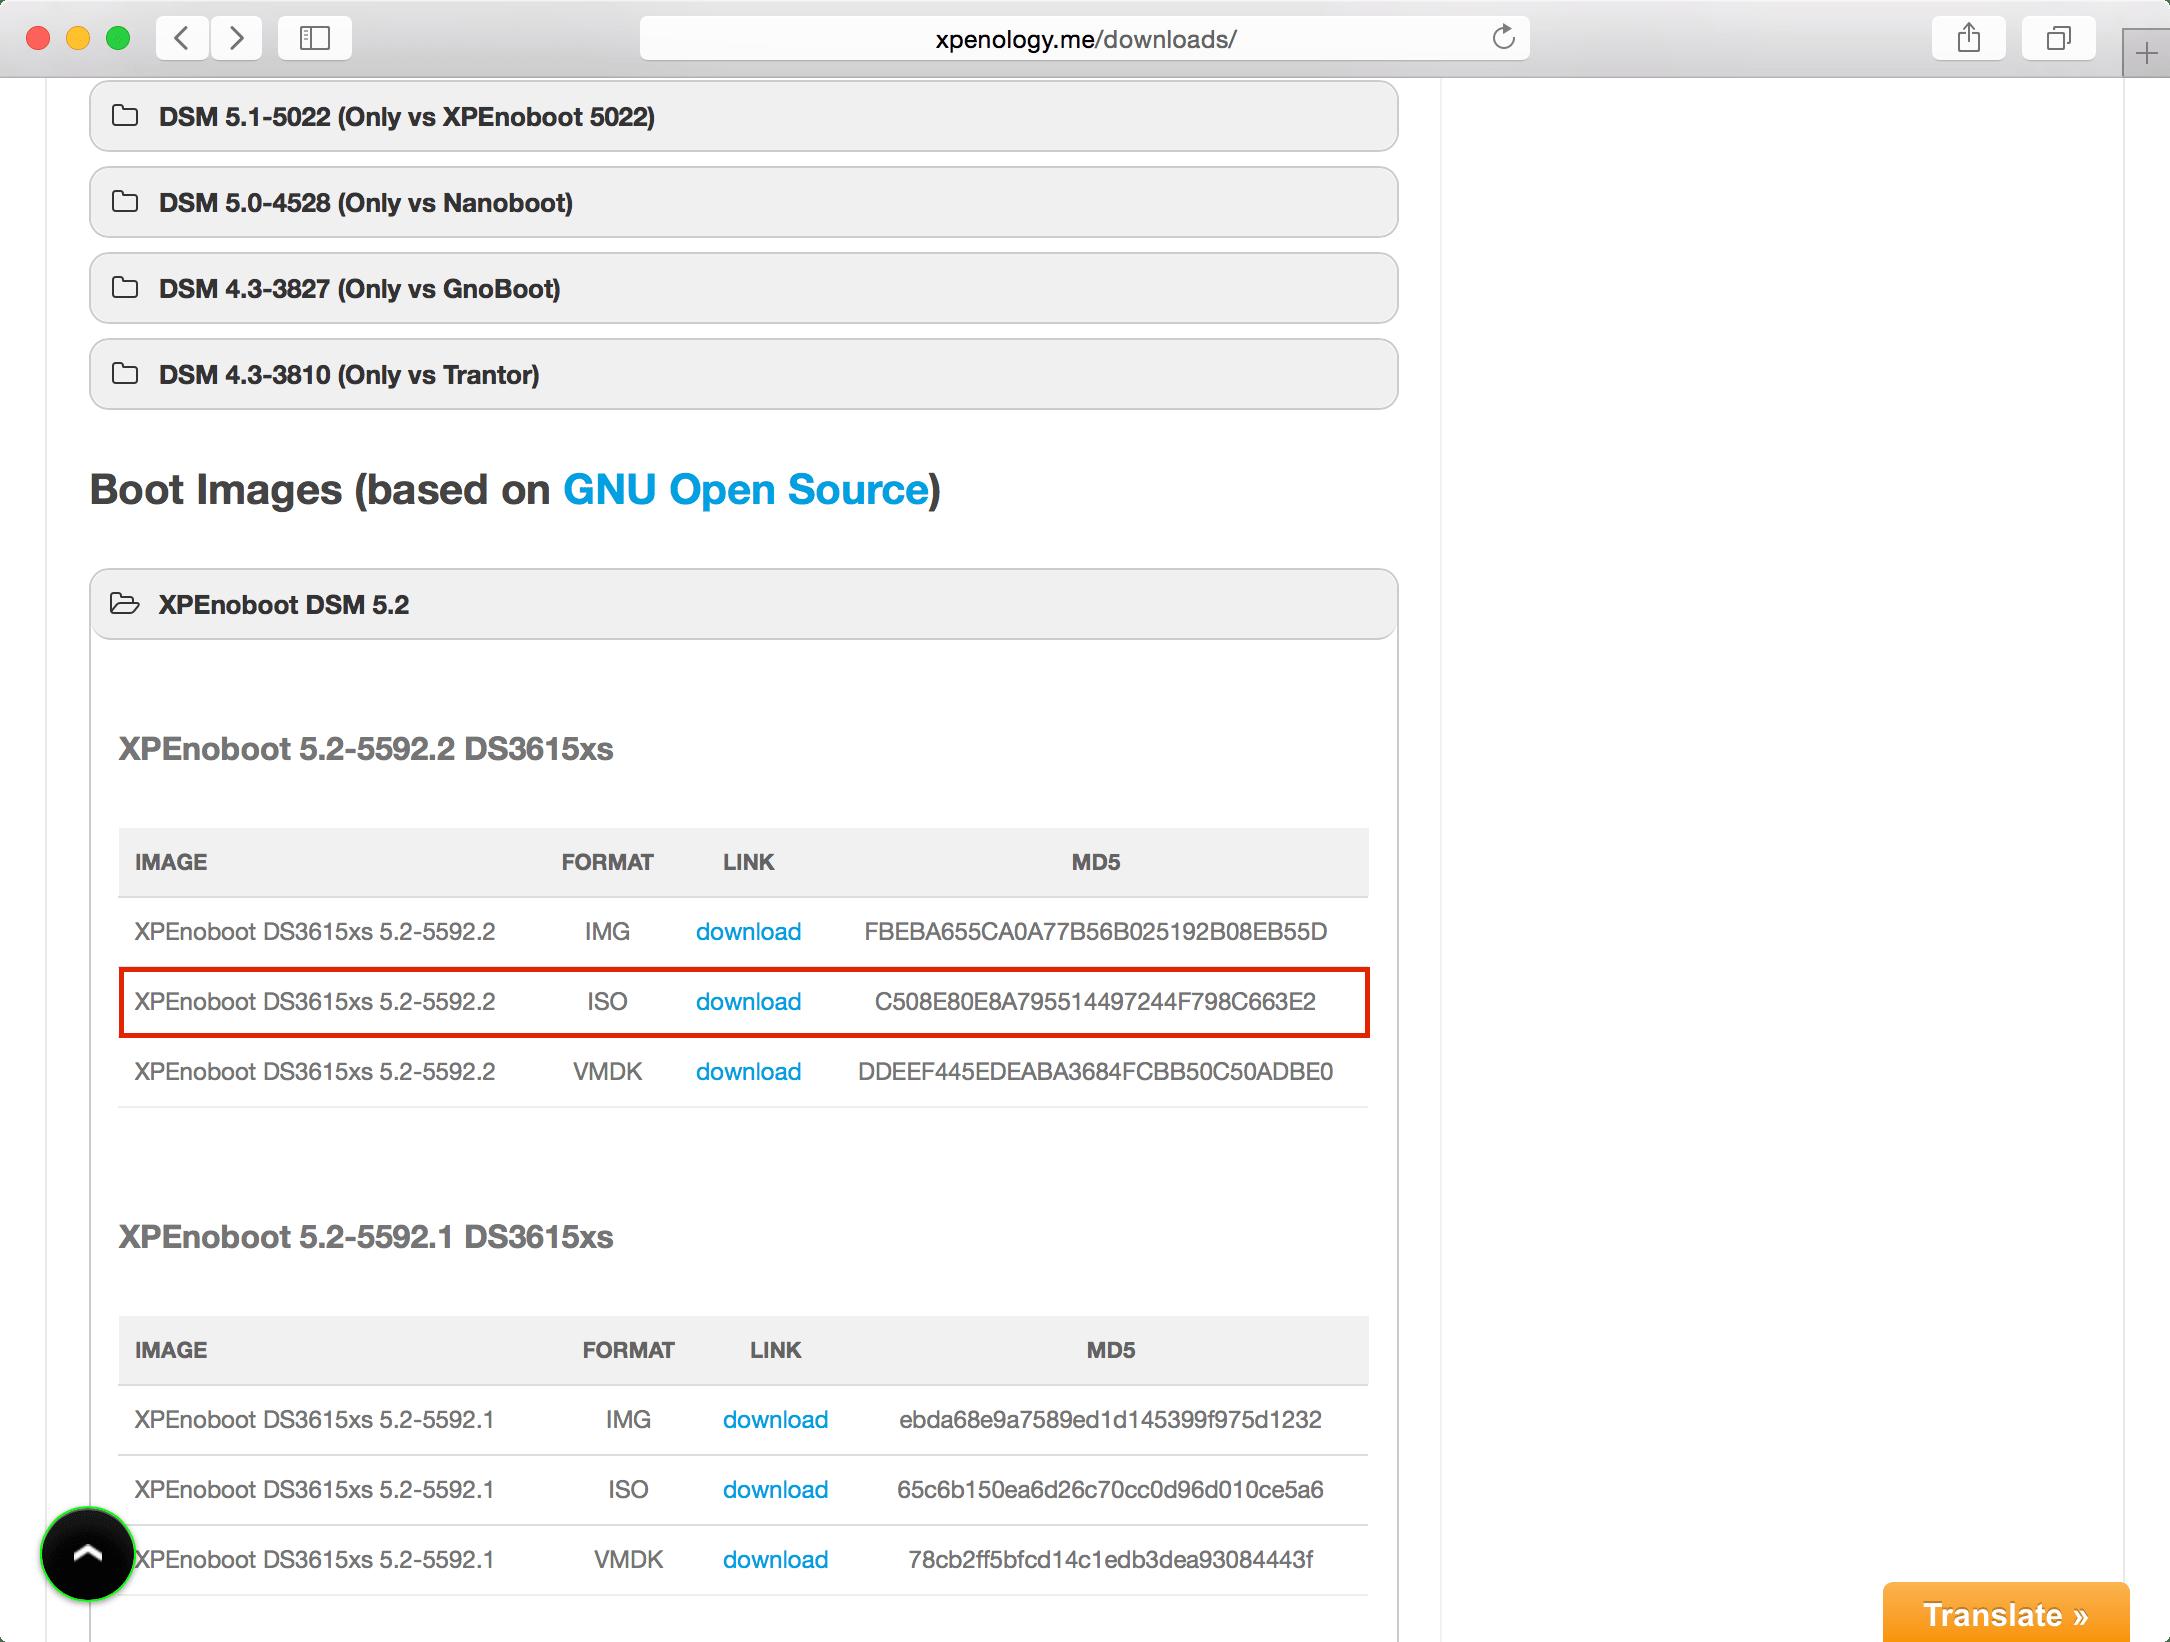 XPEnology auf DSM 5 2-5592 Update 3 upgraden